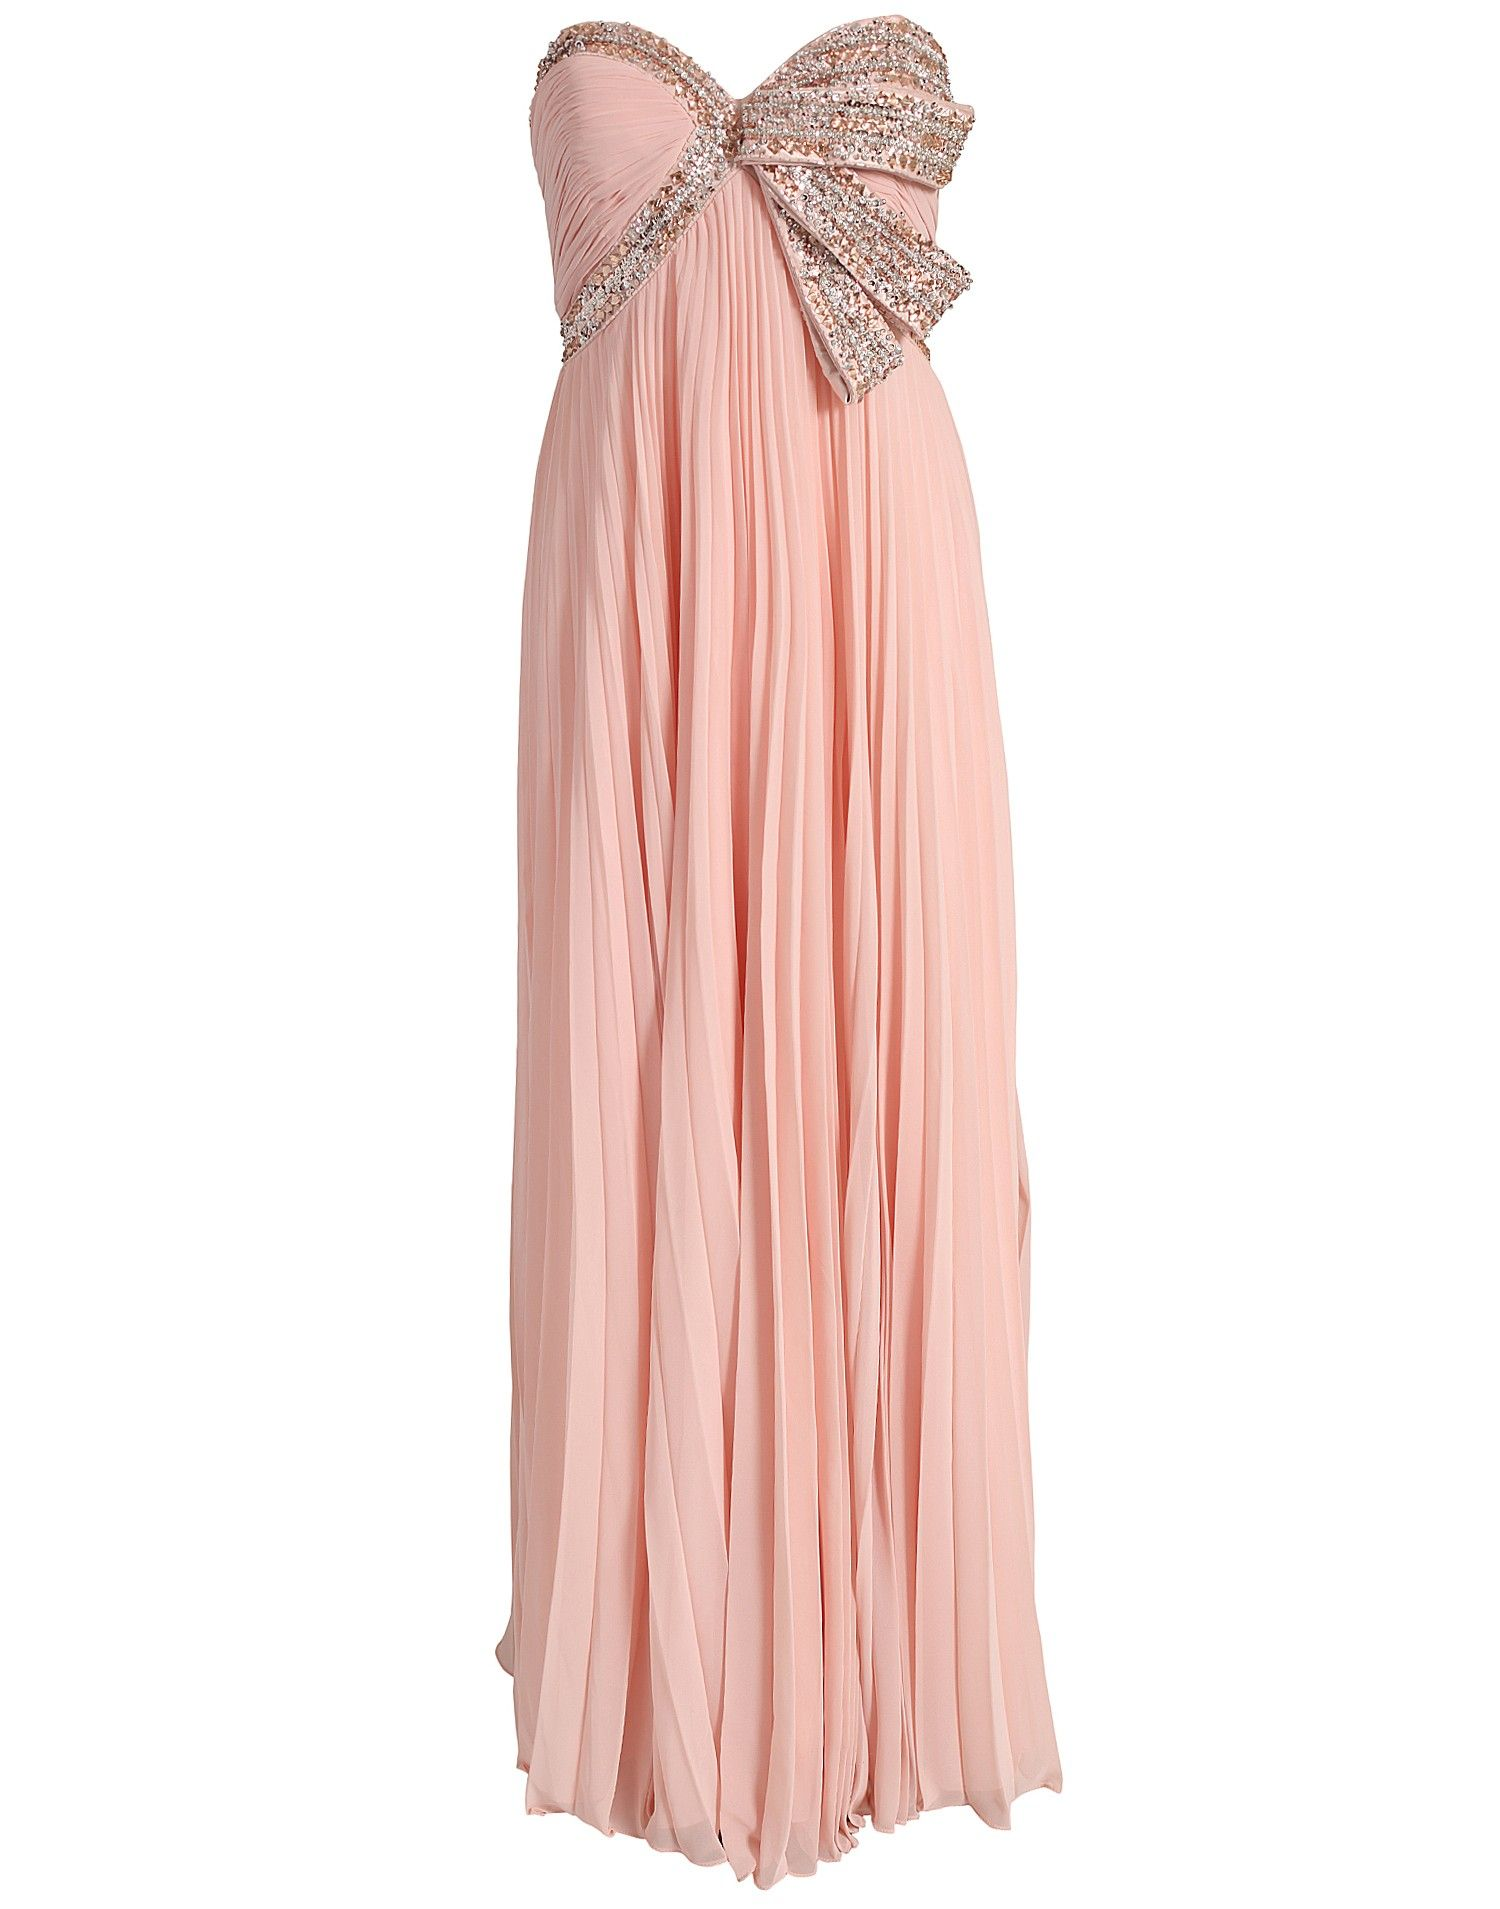 Vivian Dress from Forever Unique_ nossa ia ser perfeito para ser ...